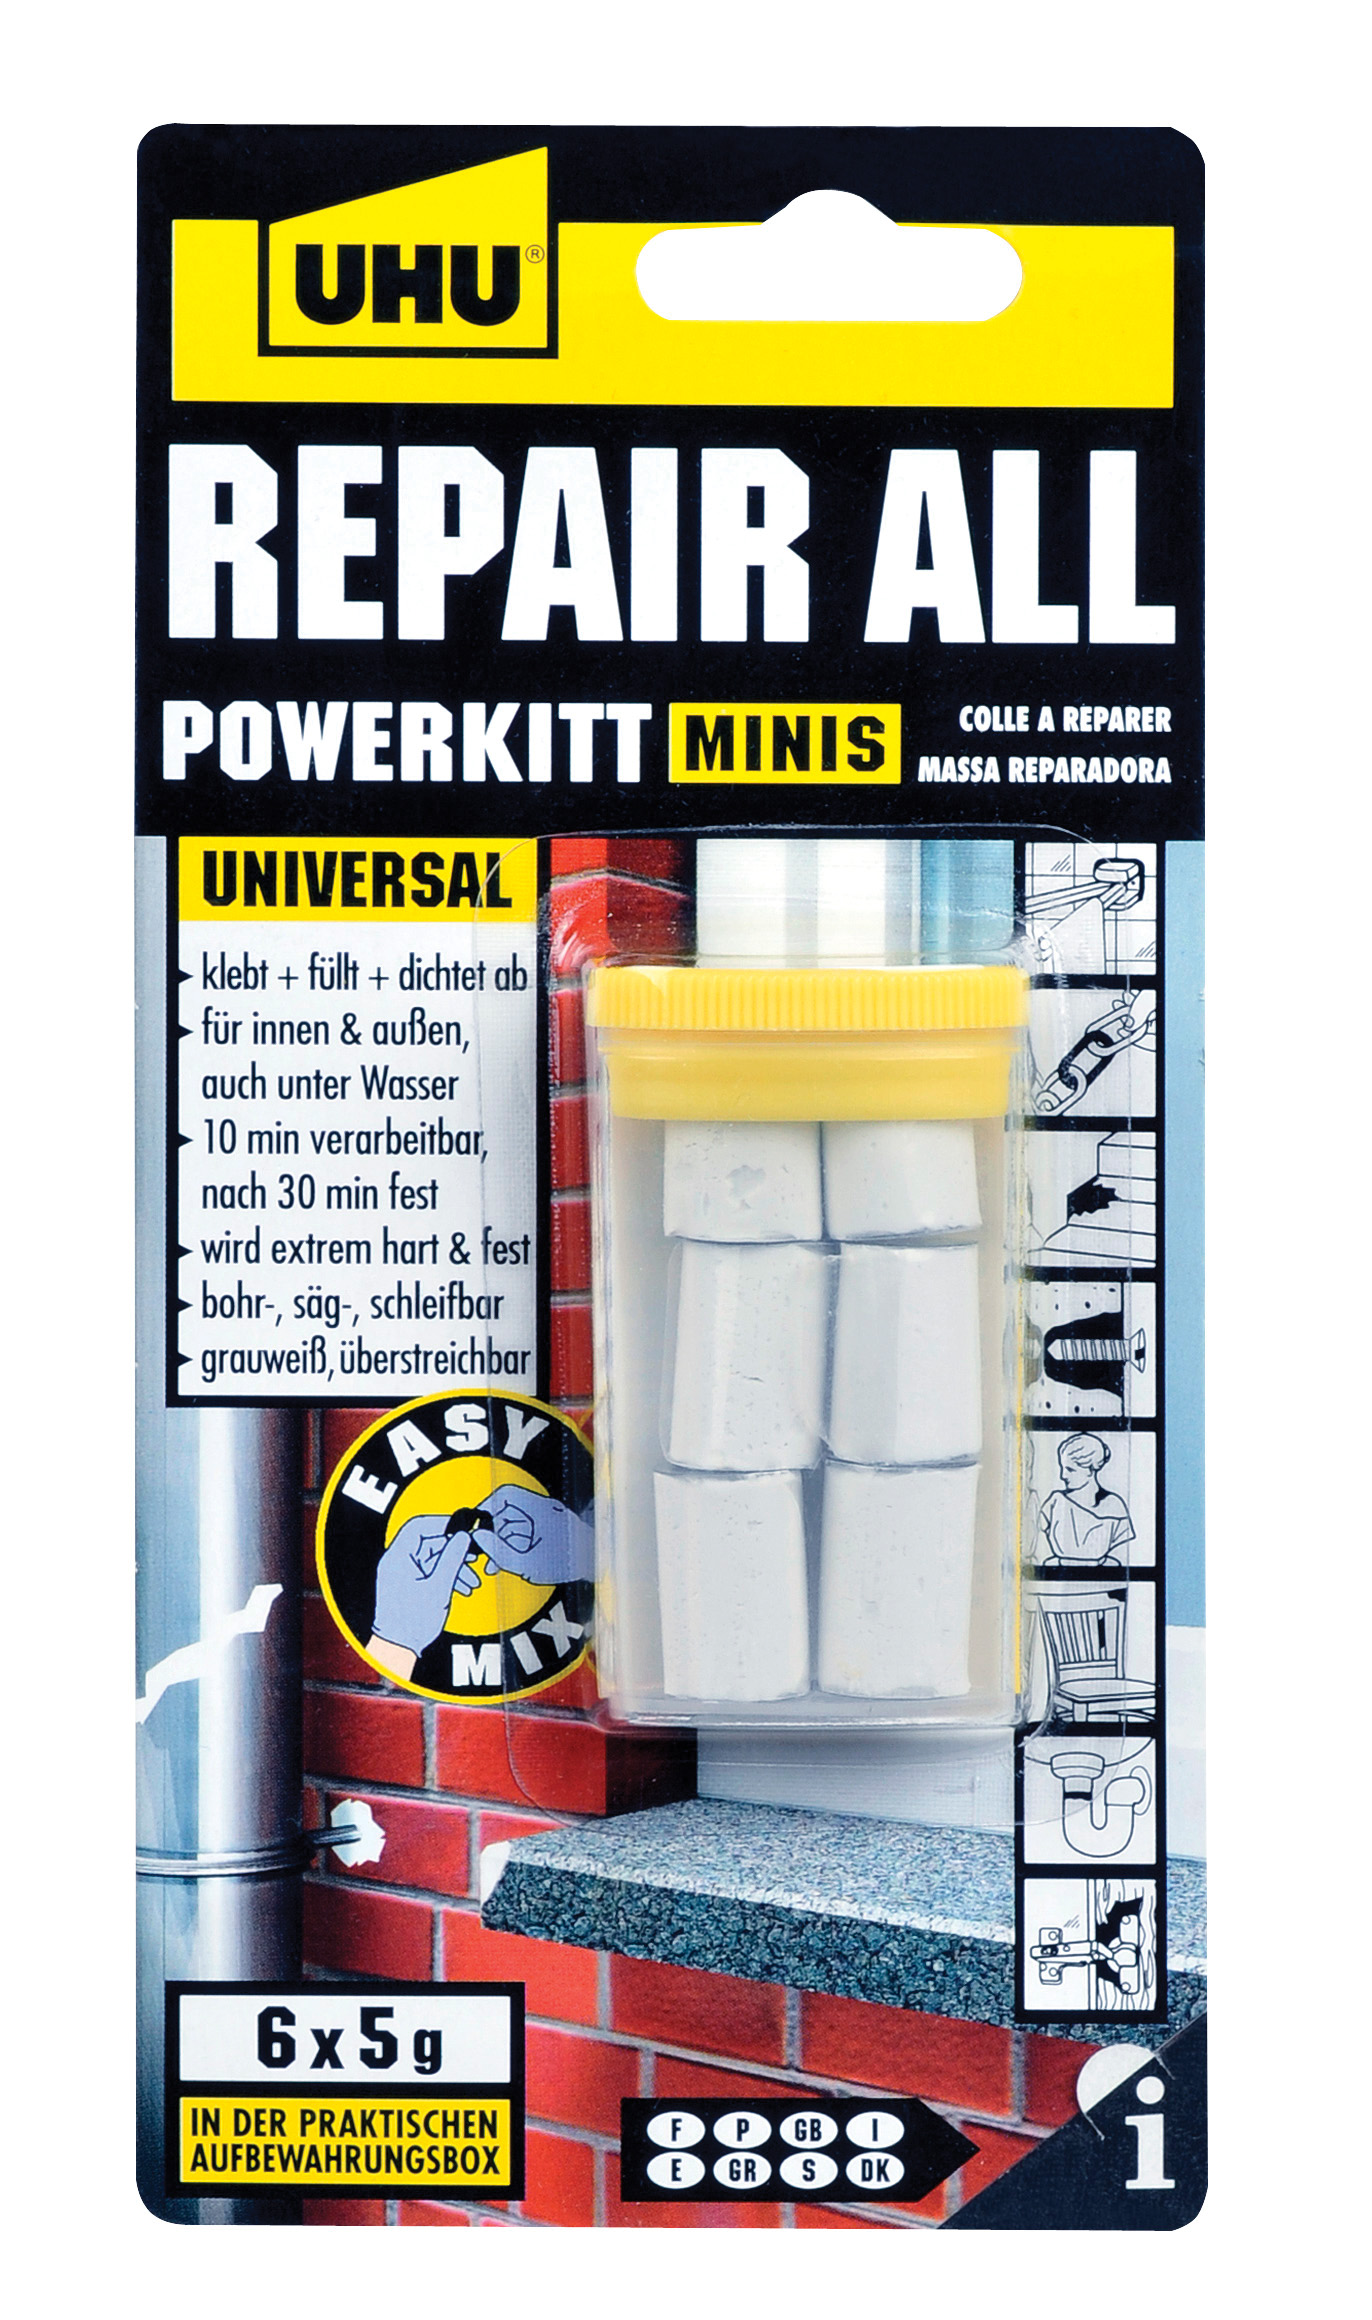 UHU Repair all powerkit universelle Klebstoffknetmasse Minis 6x5g, in der praktischen Box, Infokarte